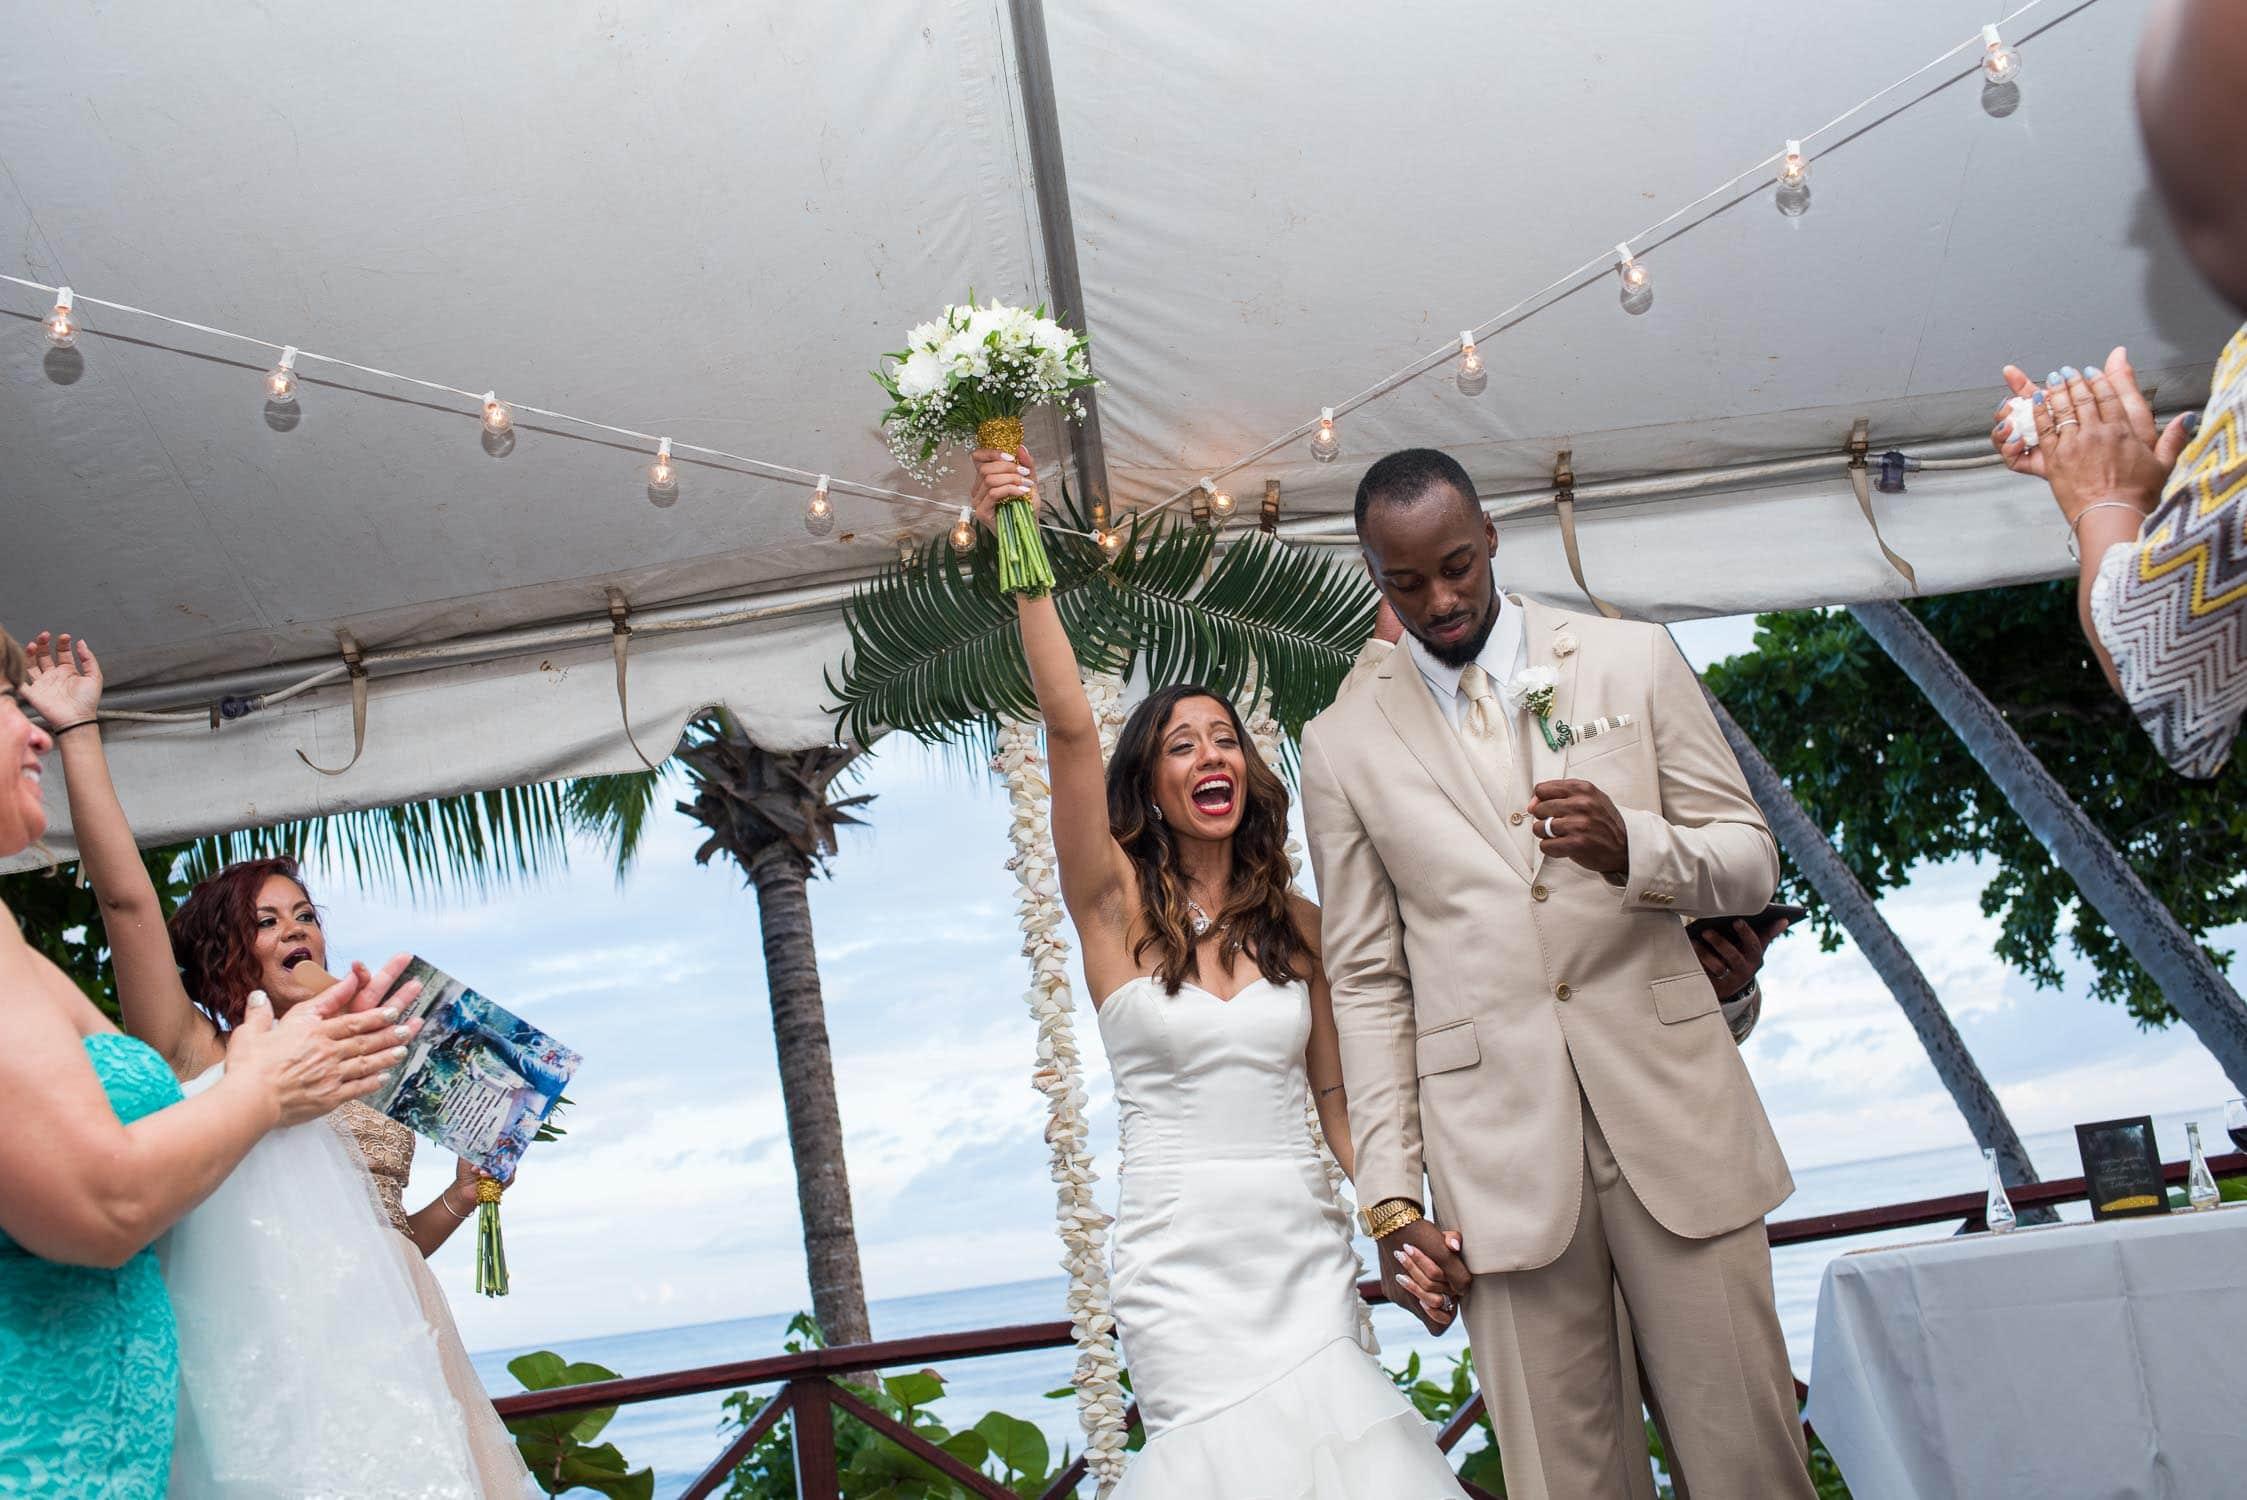 Celebrating after wedding vows